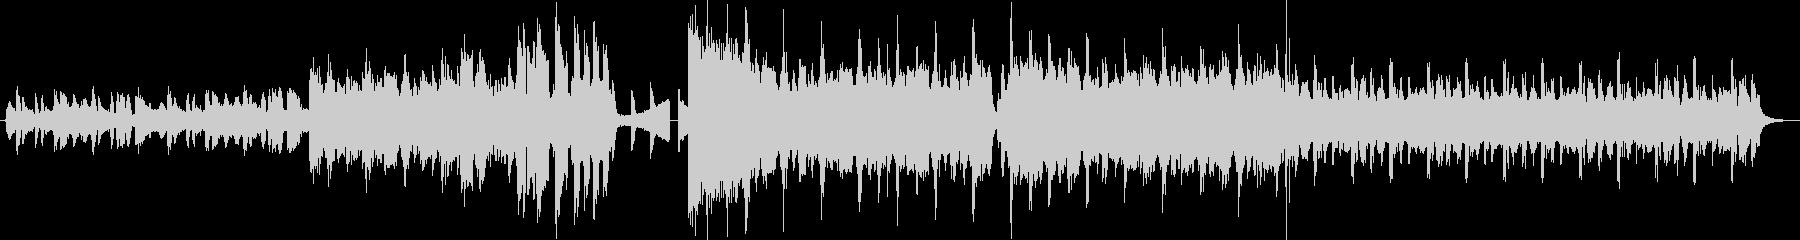 配信のオープニング等に使える楽曲の未再生の波形